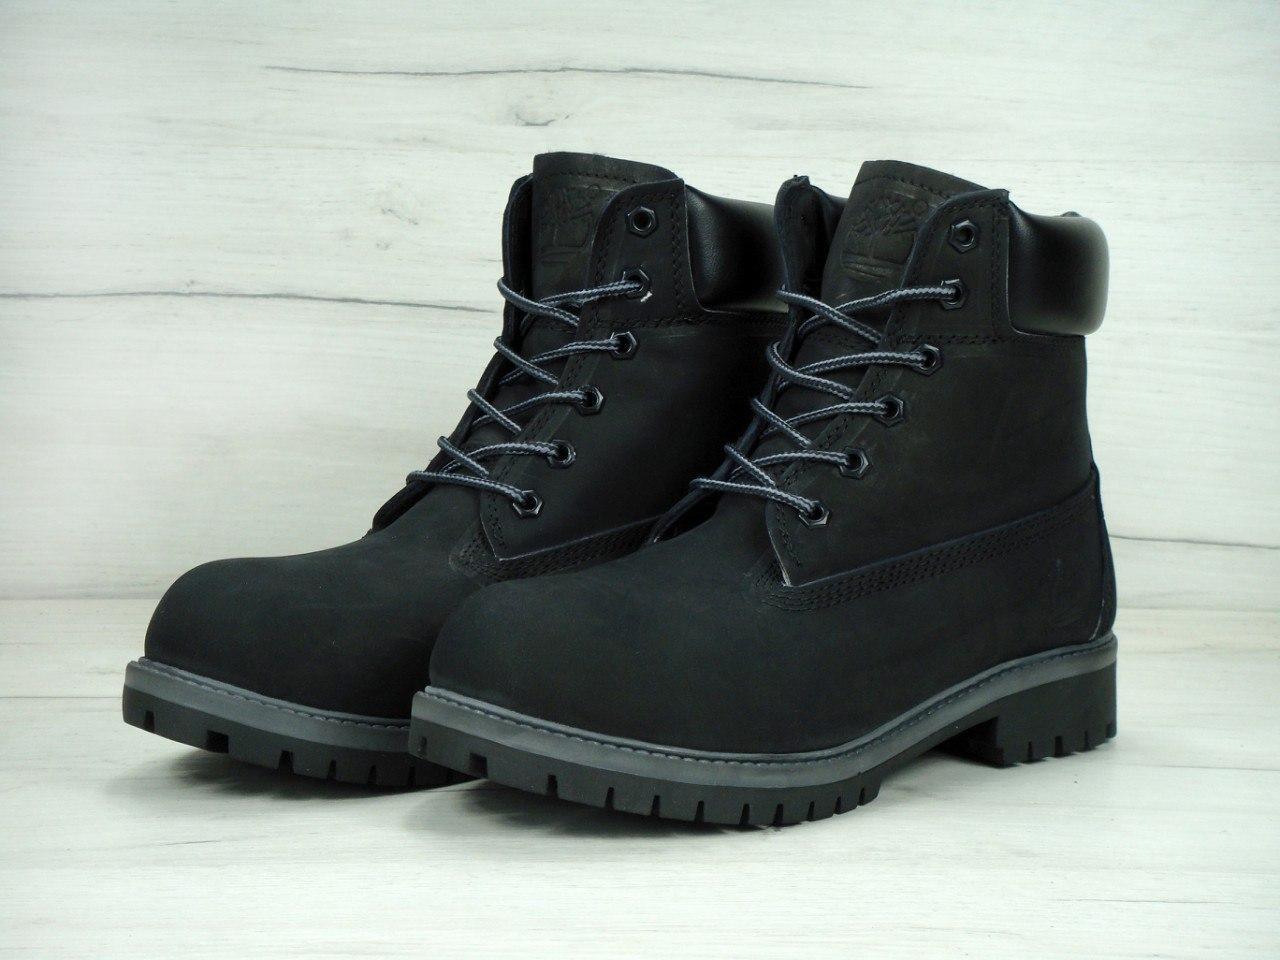 Зимние ботинки Timberland реплика ААА+ (нат. нубук и искусственный мех) размер 36,37,41,44 черный (живые фото), фото 1